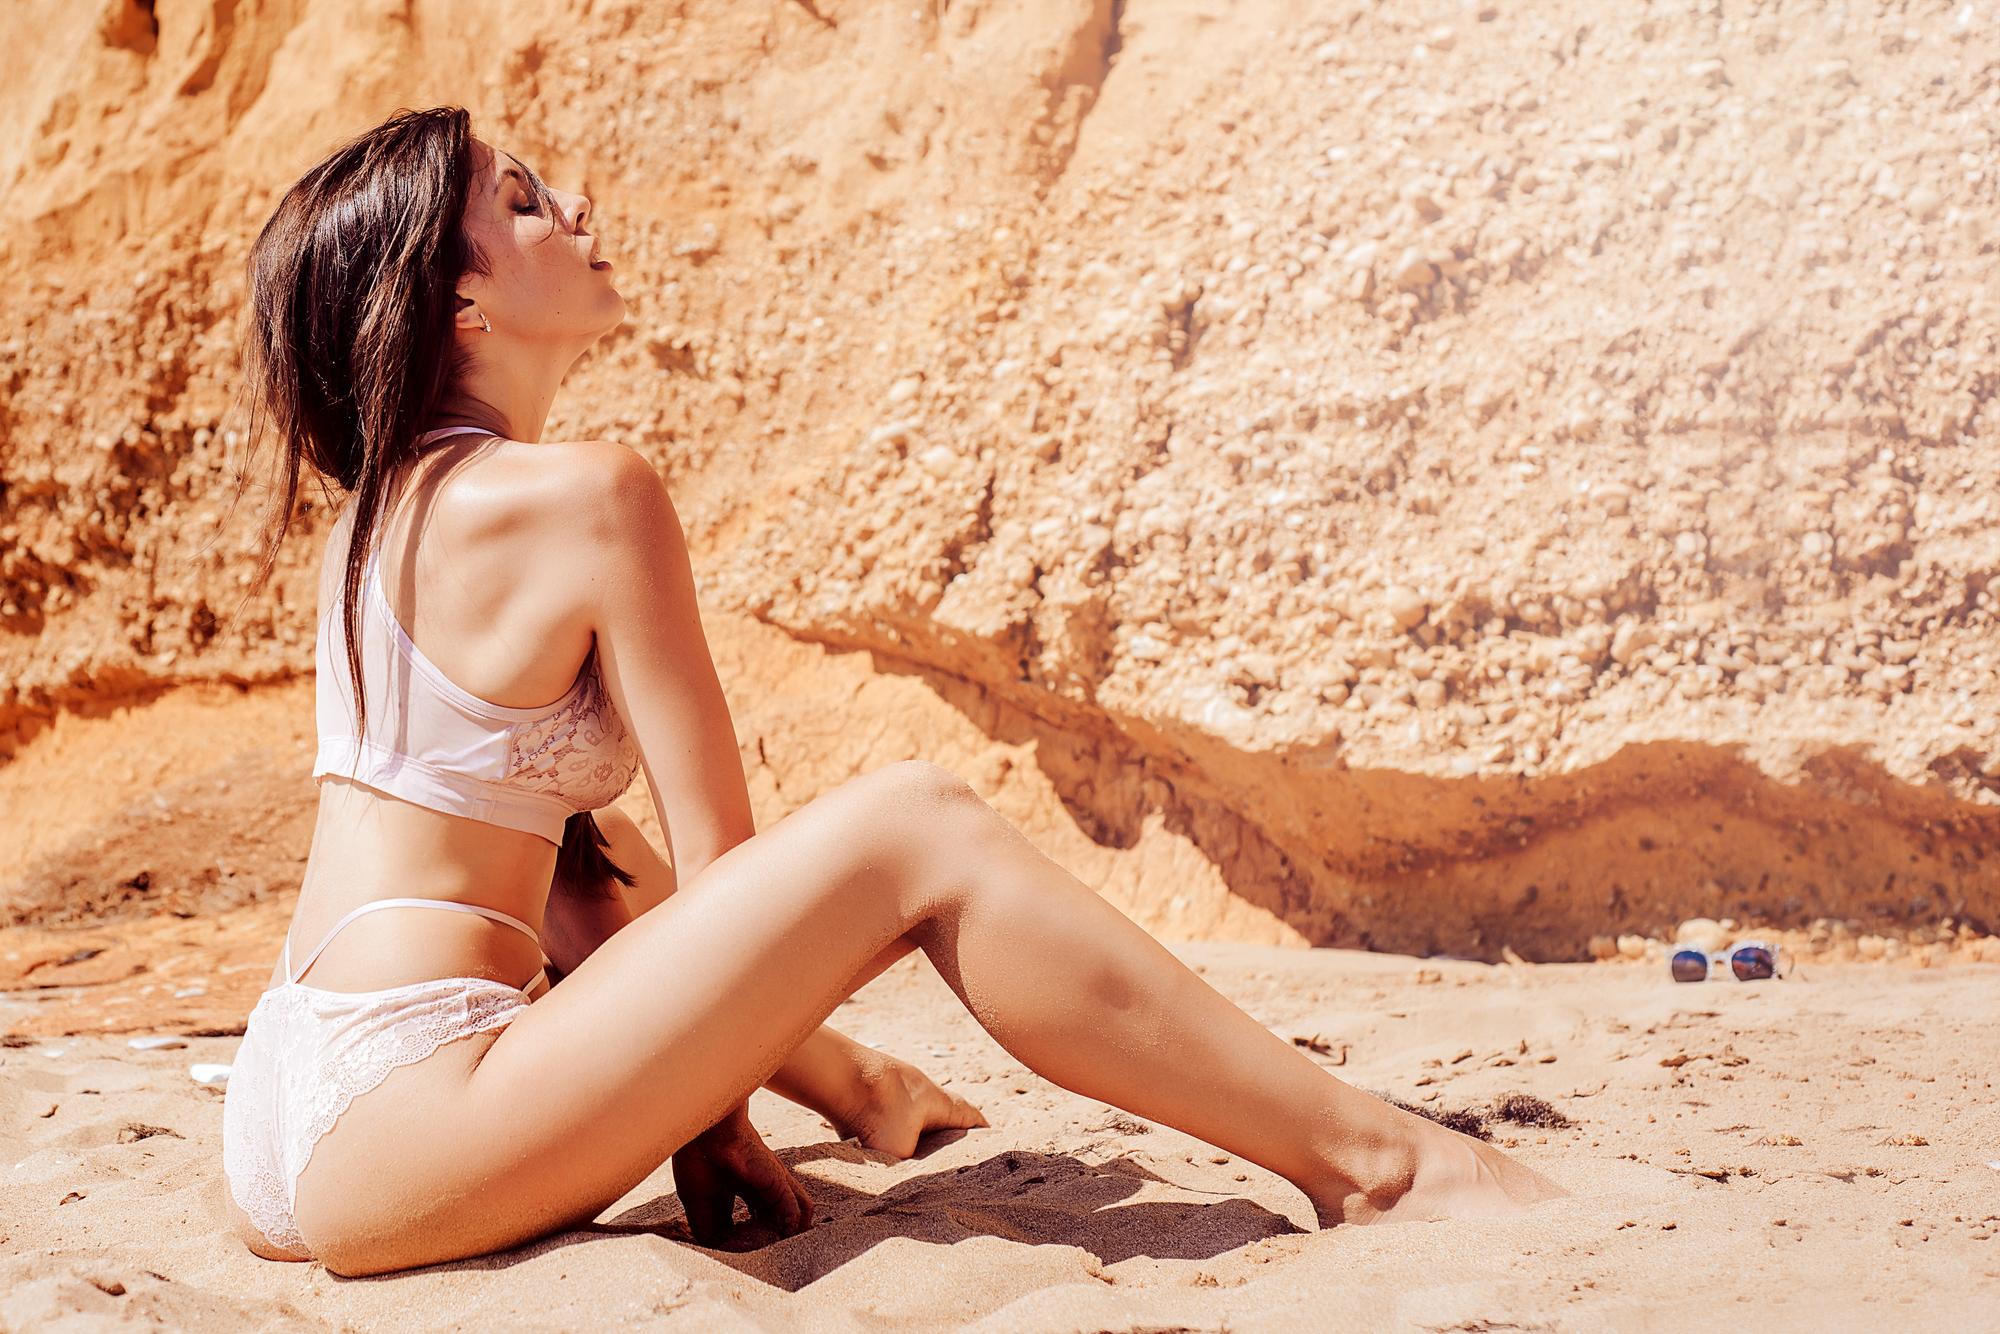 女性が砂浜で下着姿になっている